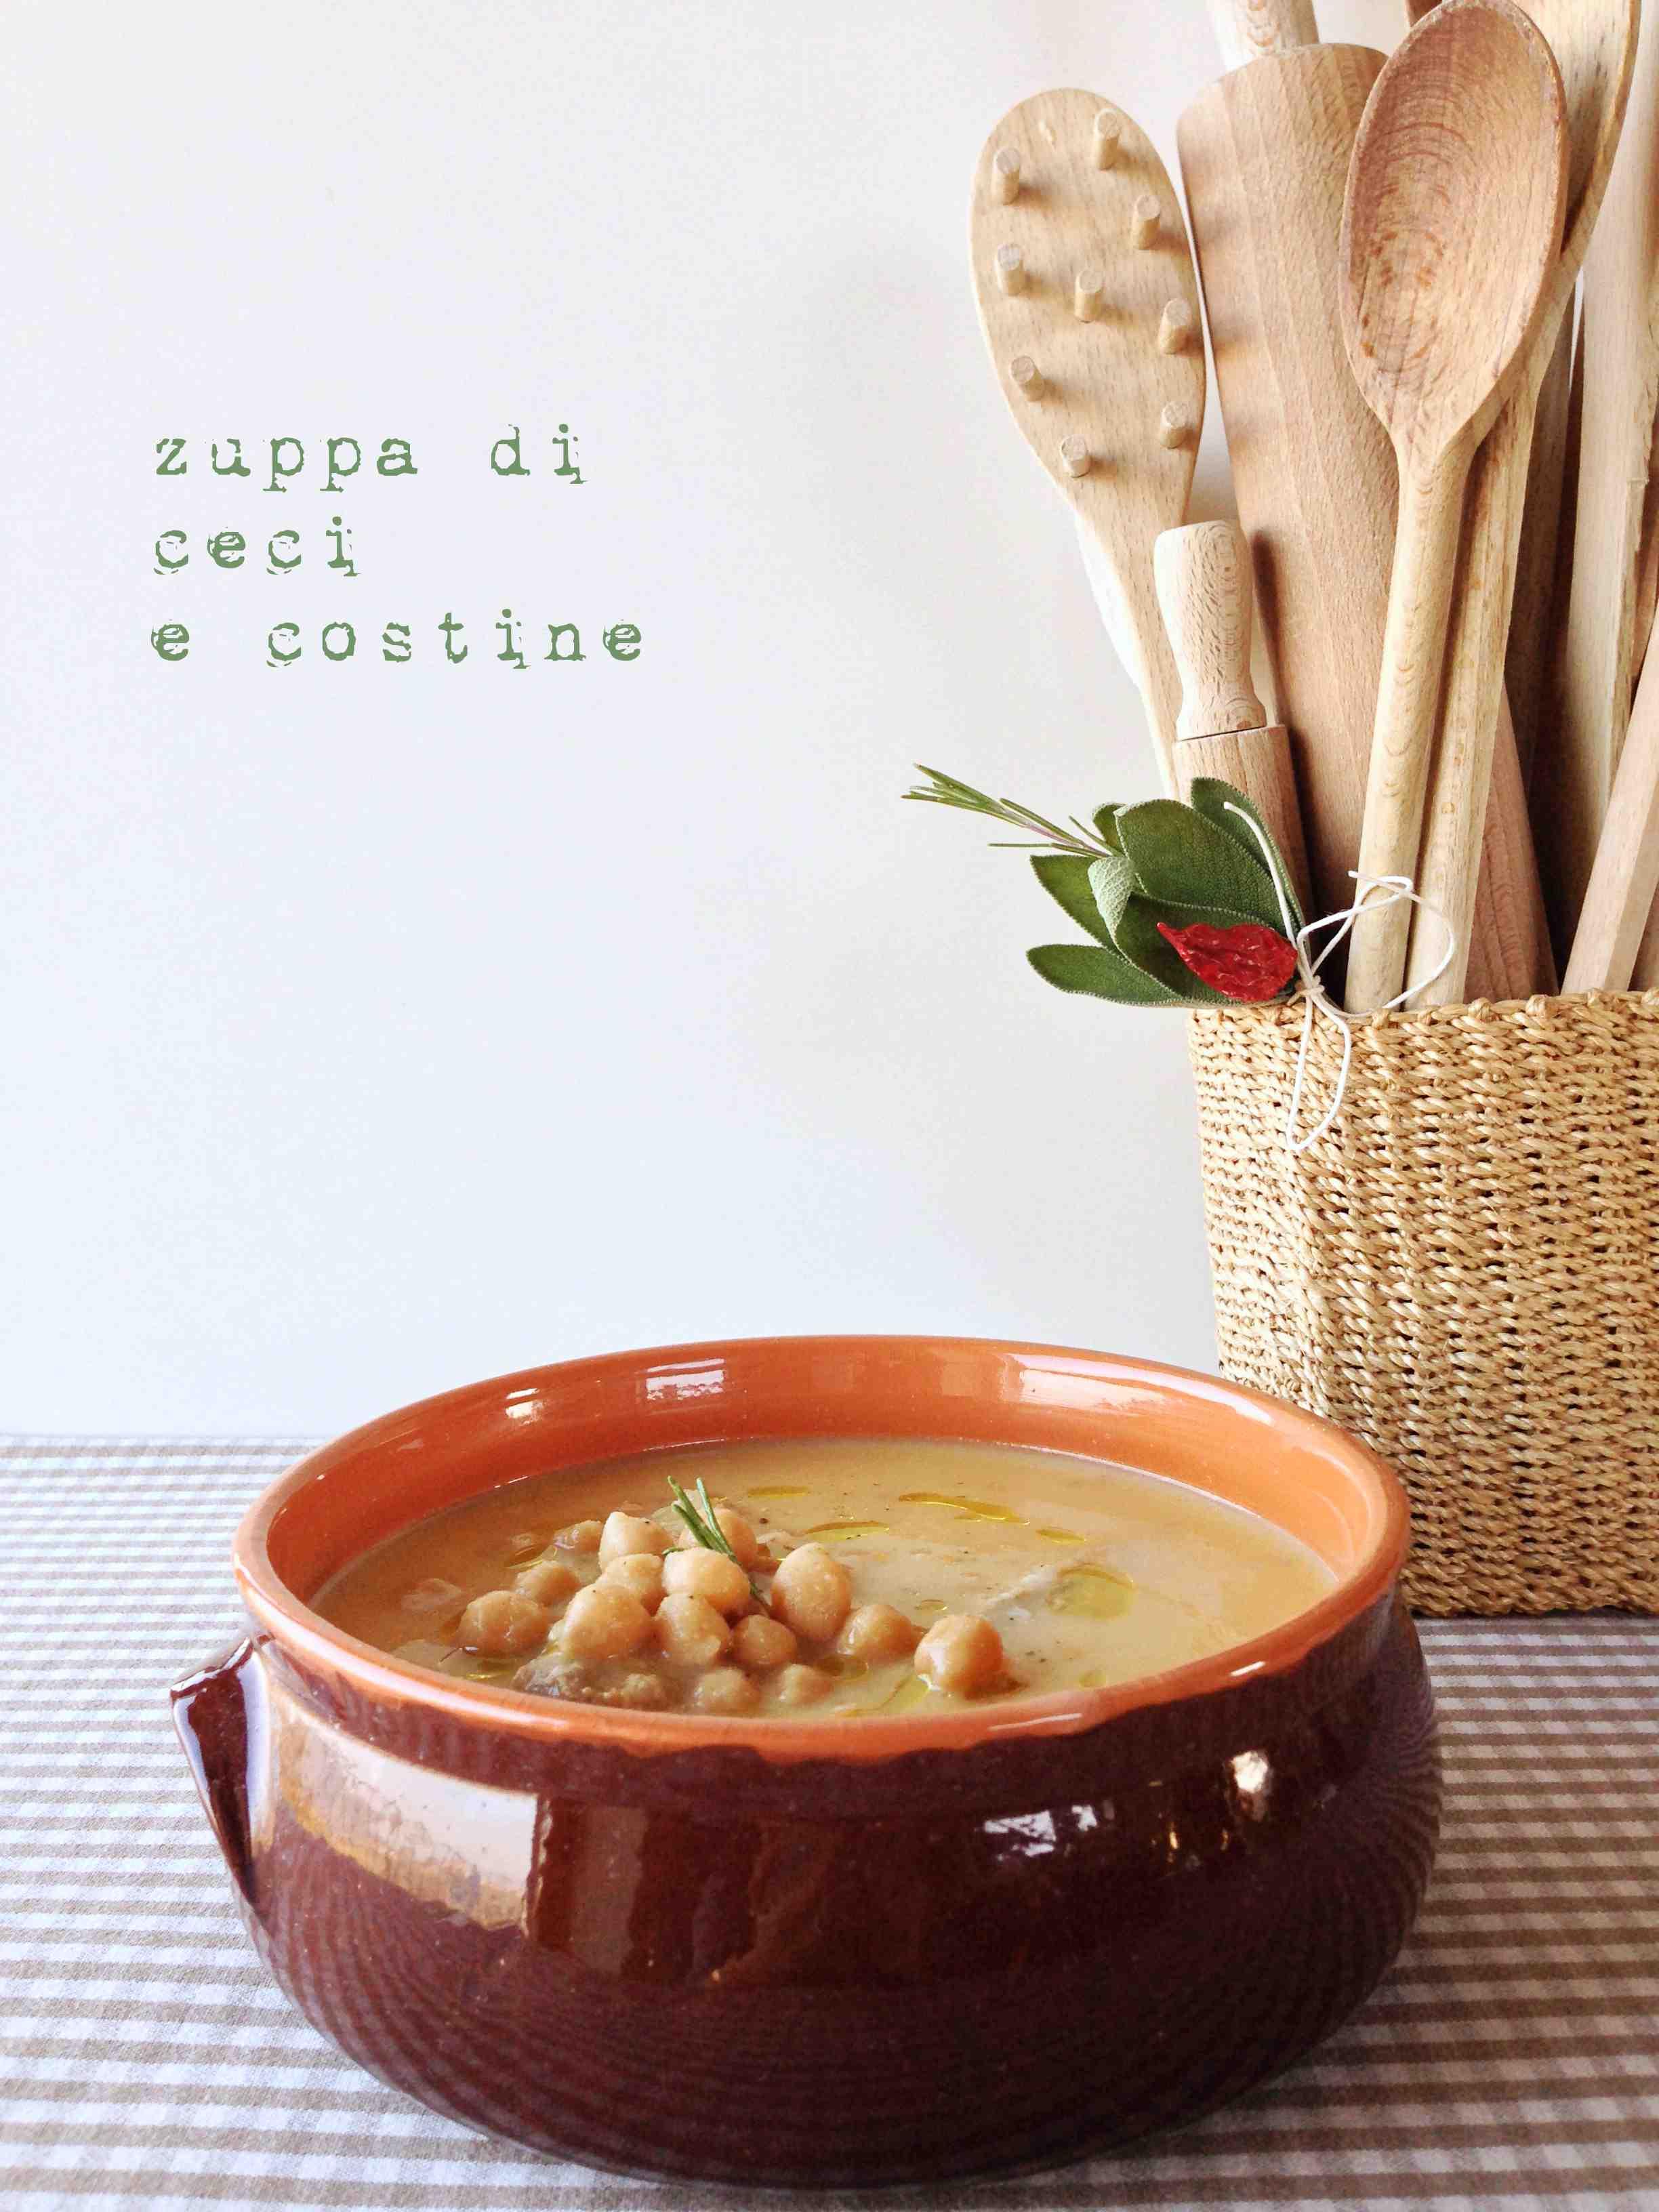 zuppa-ceci-e-costine